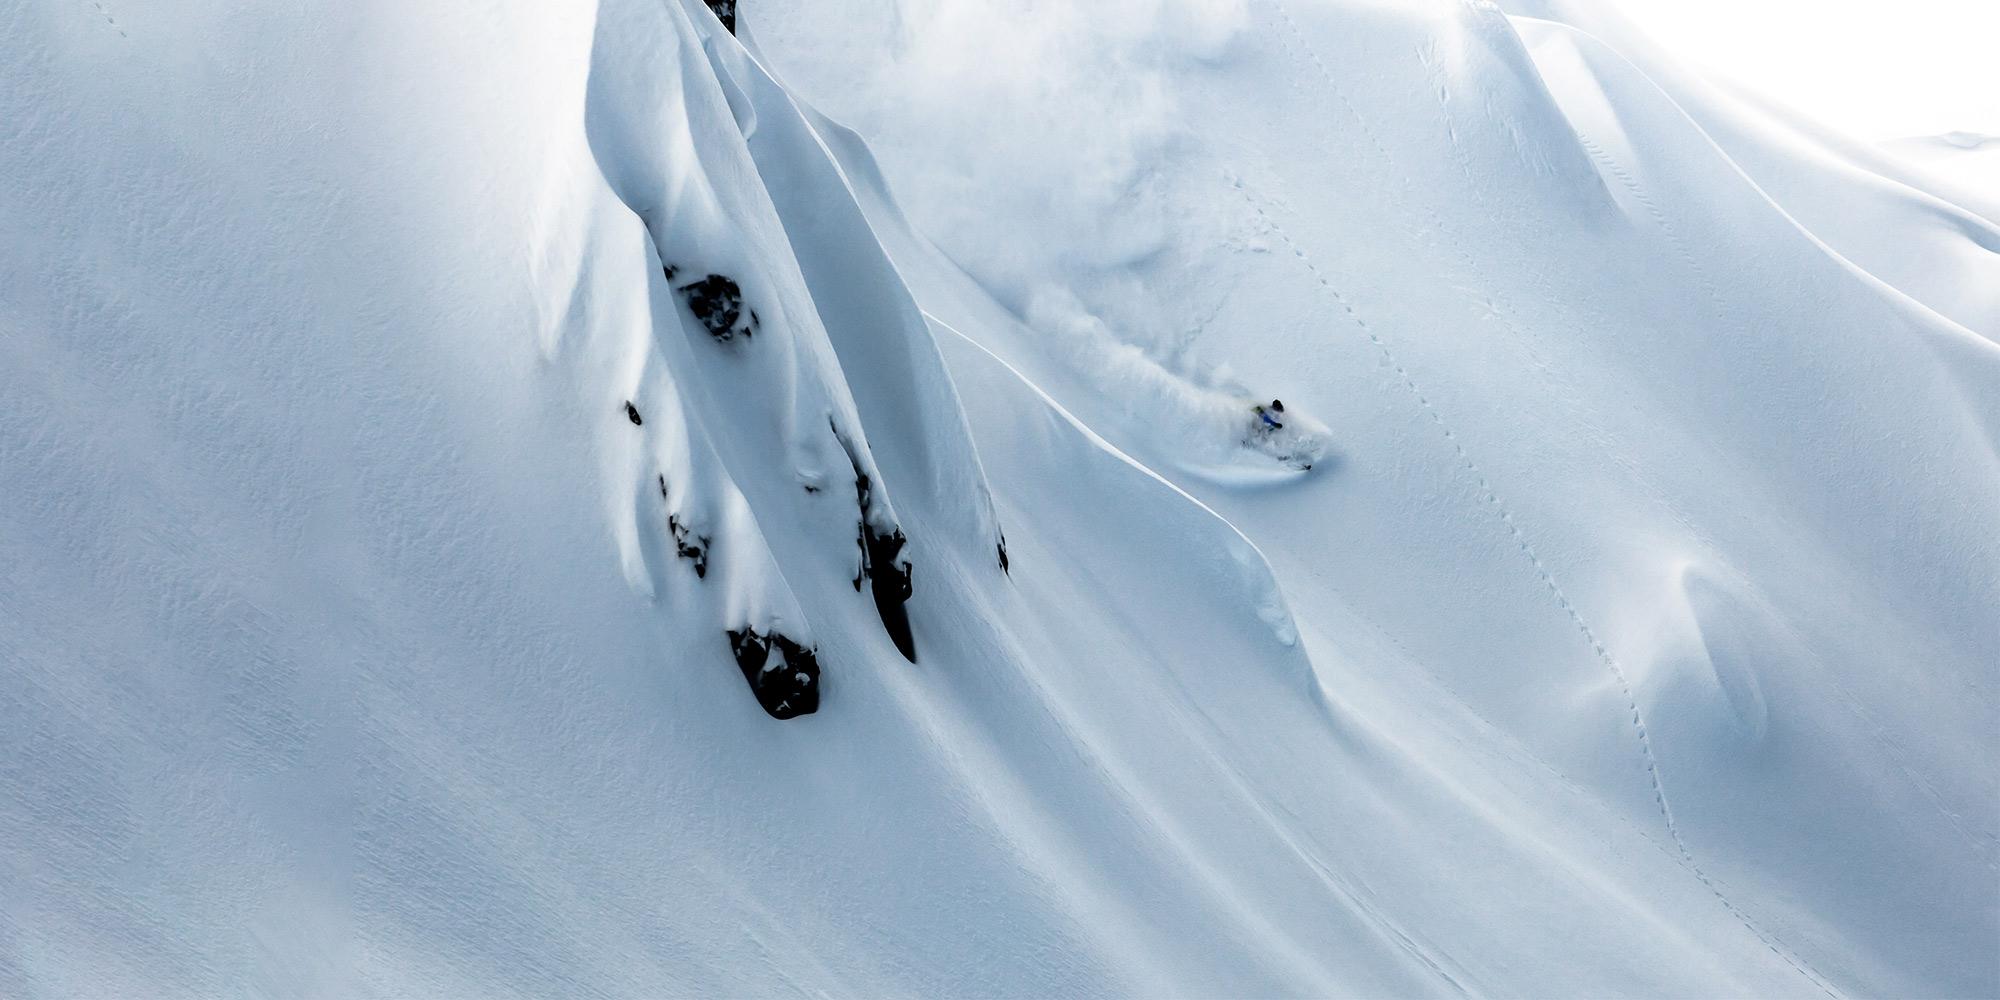 Les meilleurs films de ski & snow en streaming et libre accès